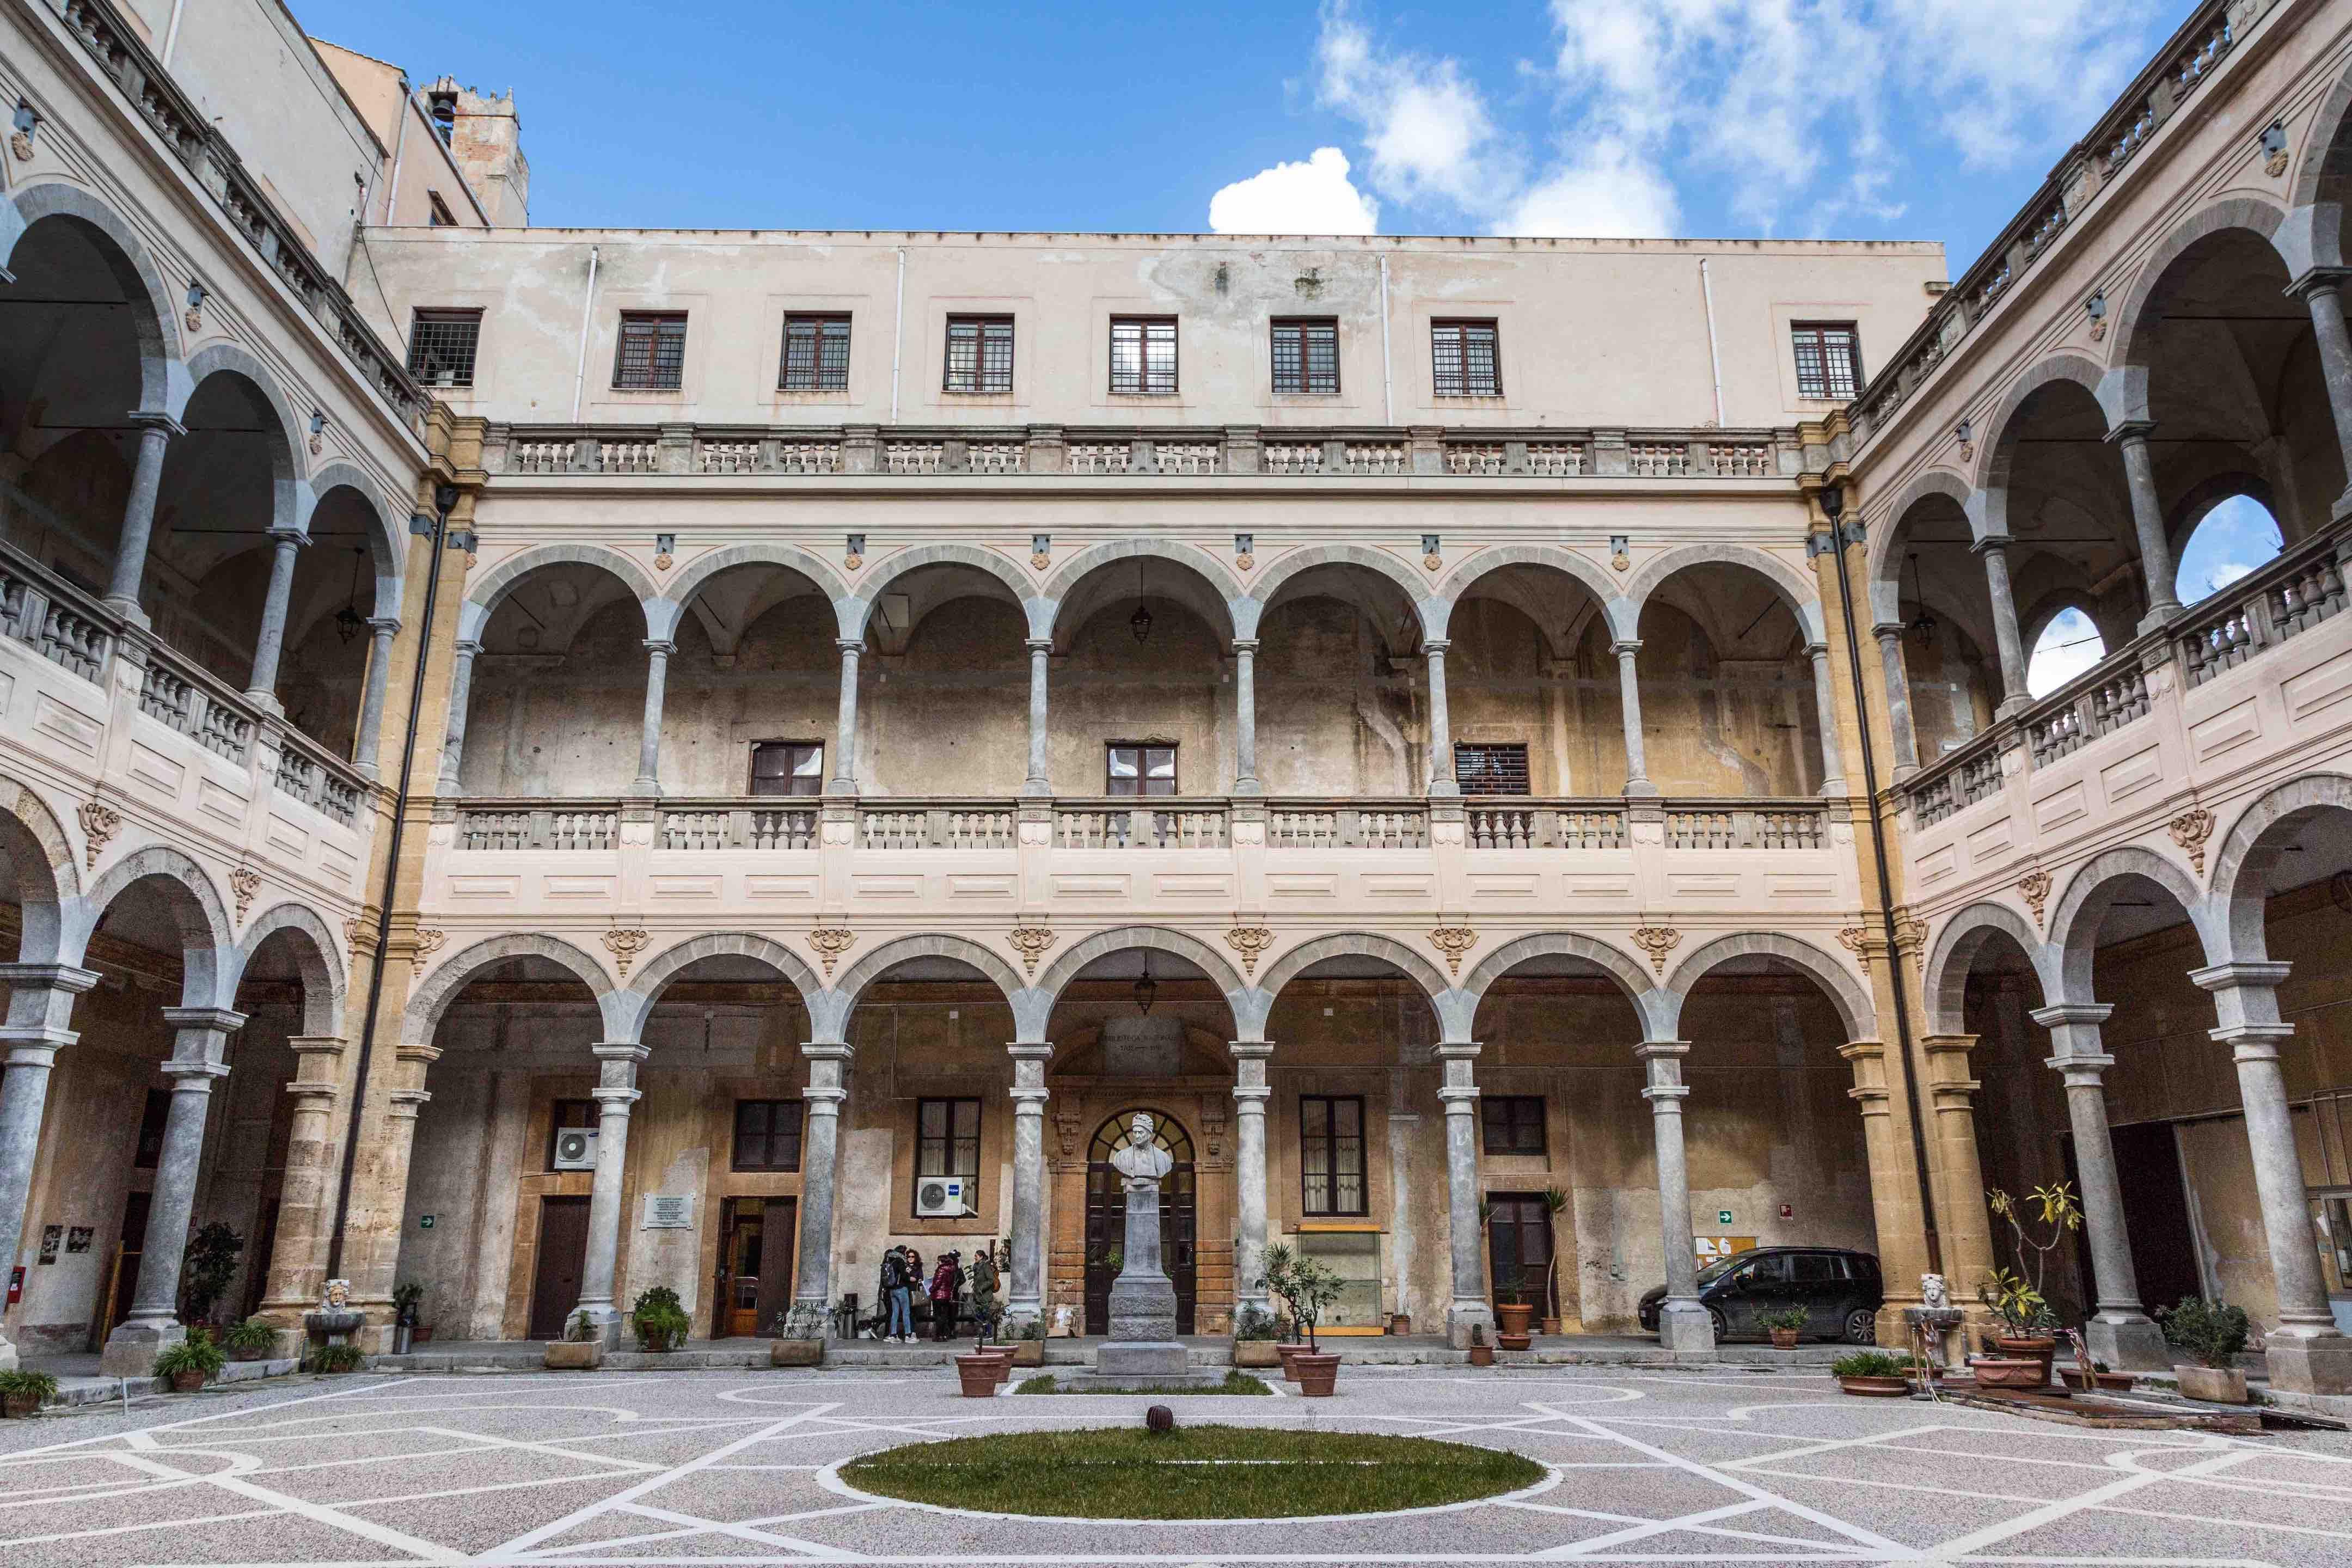 Giornate Fai di Primavera a Palermo, festa dedicata ai beni culturali